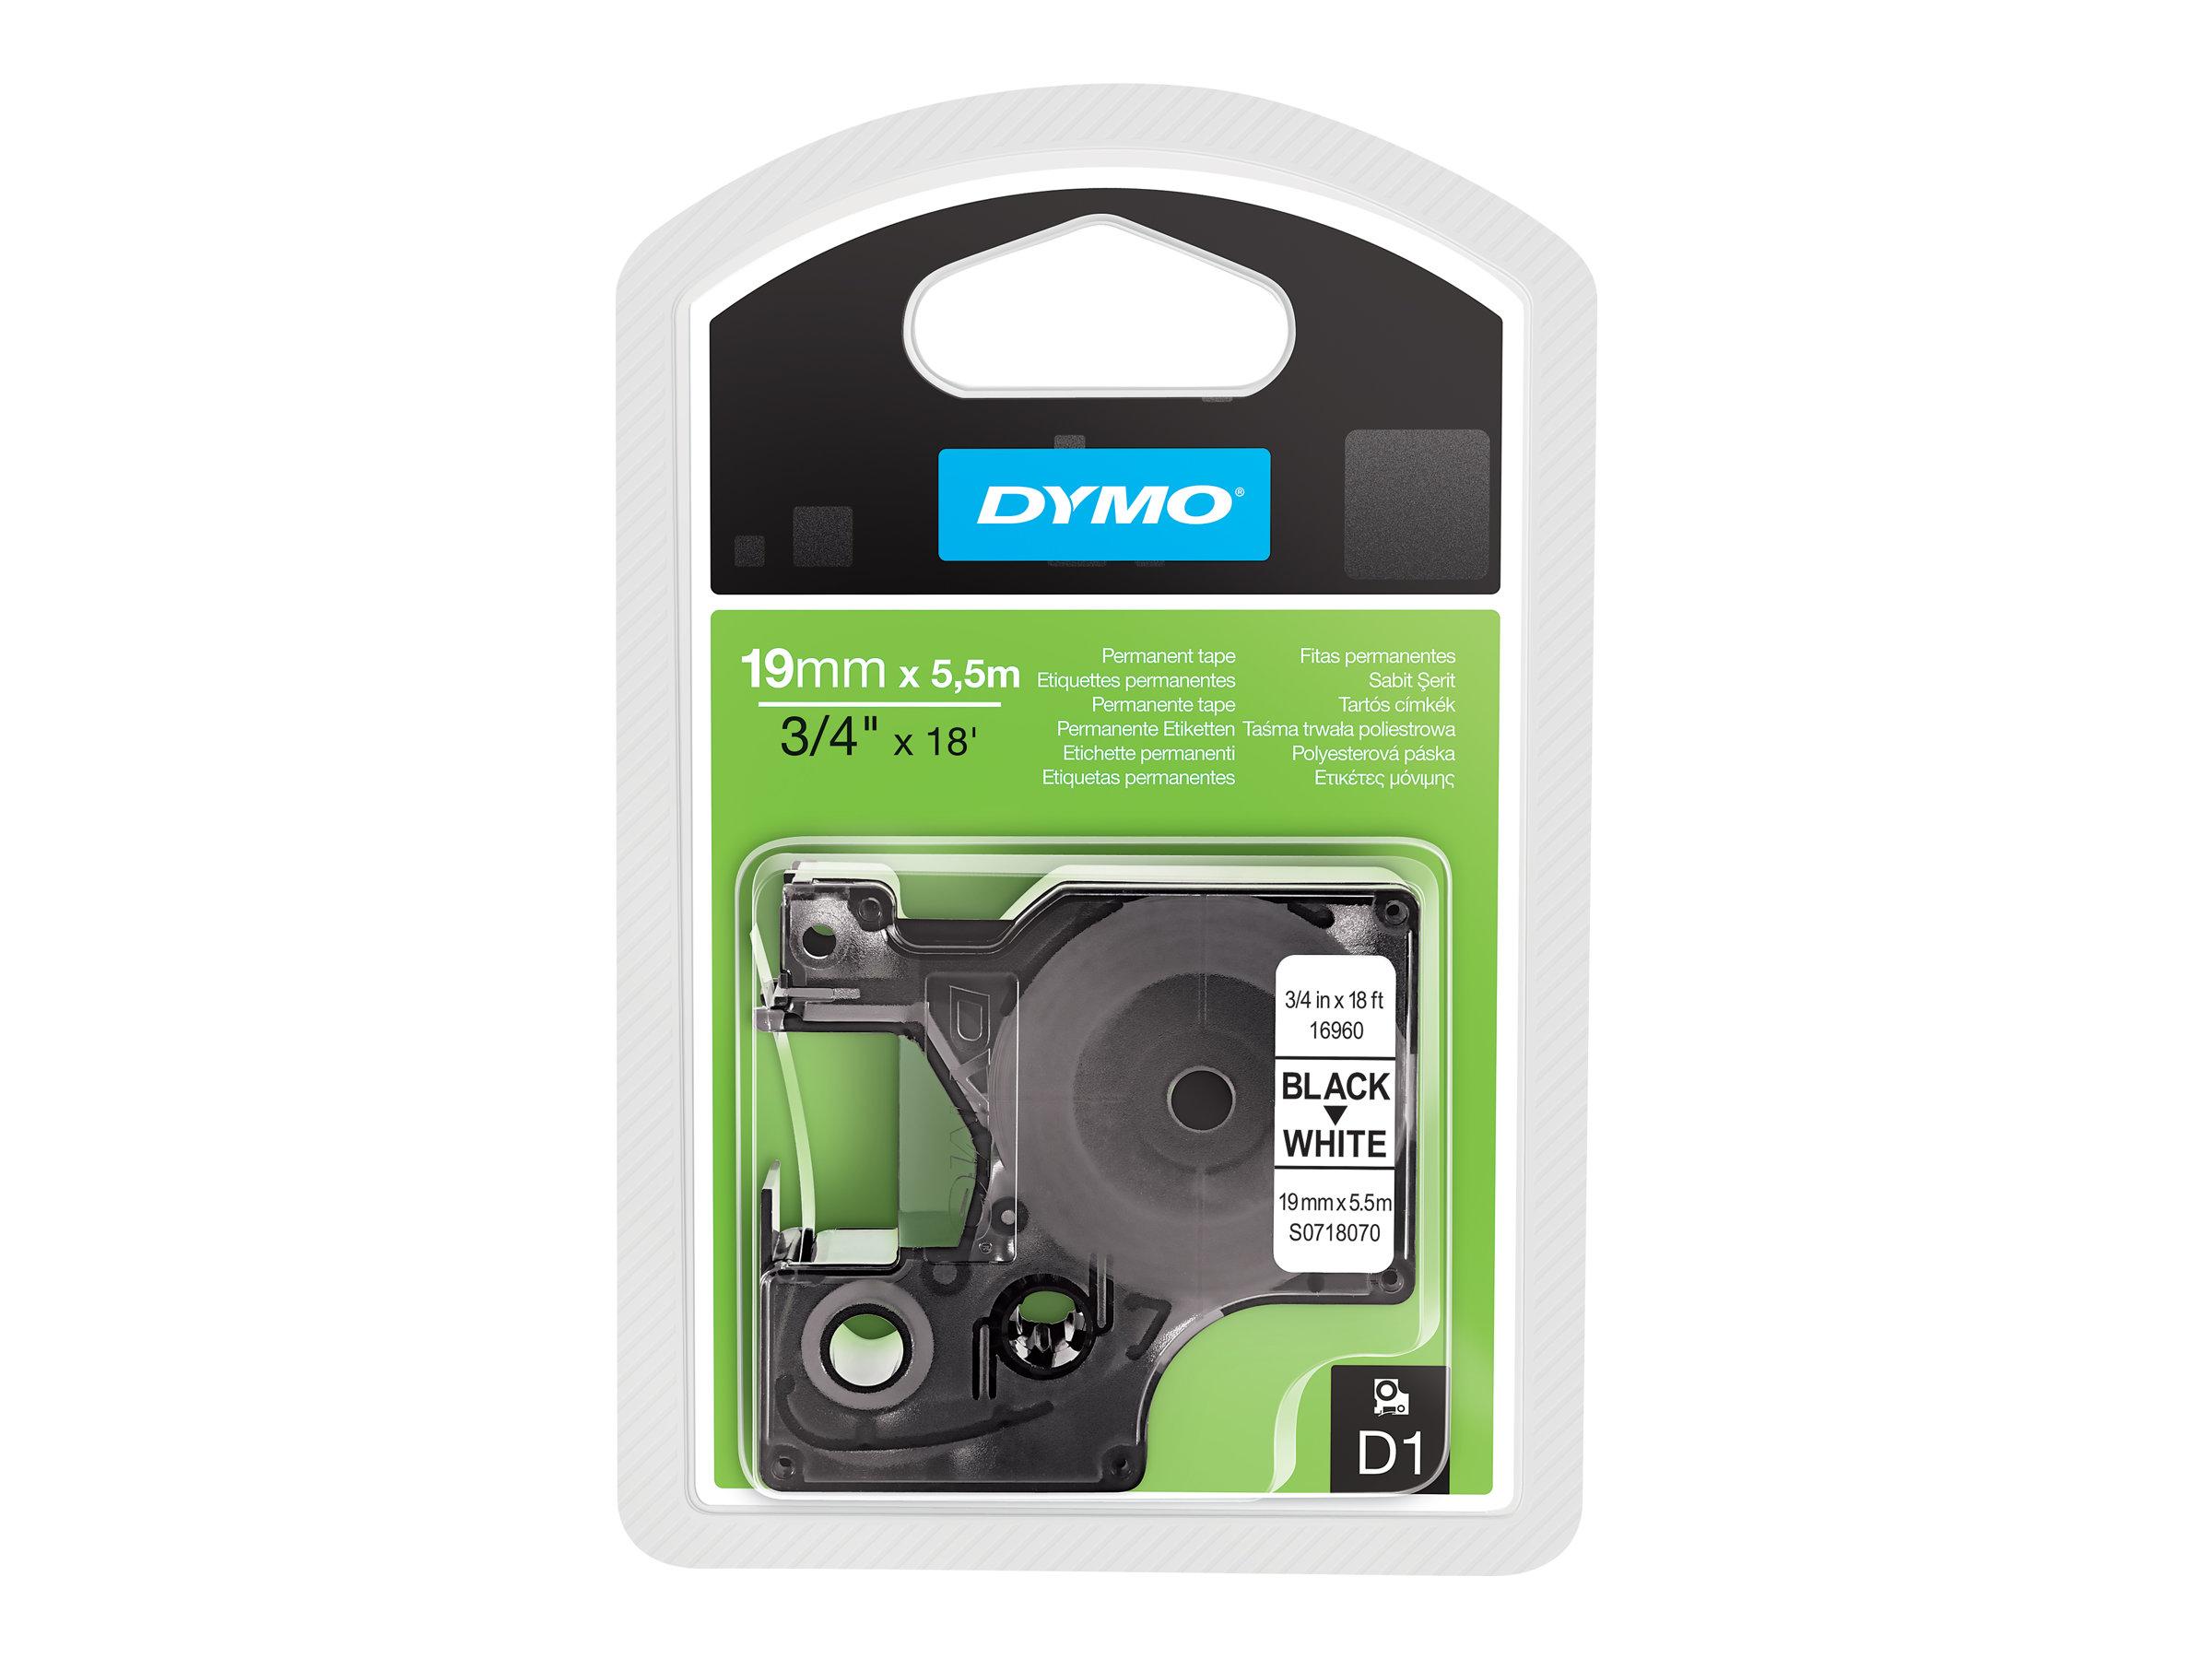 Dymo D1 - Polyester - permanenter Klebstoff - Schwarz auf Weiß - Roll (1.9 cm x 5.5 m)